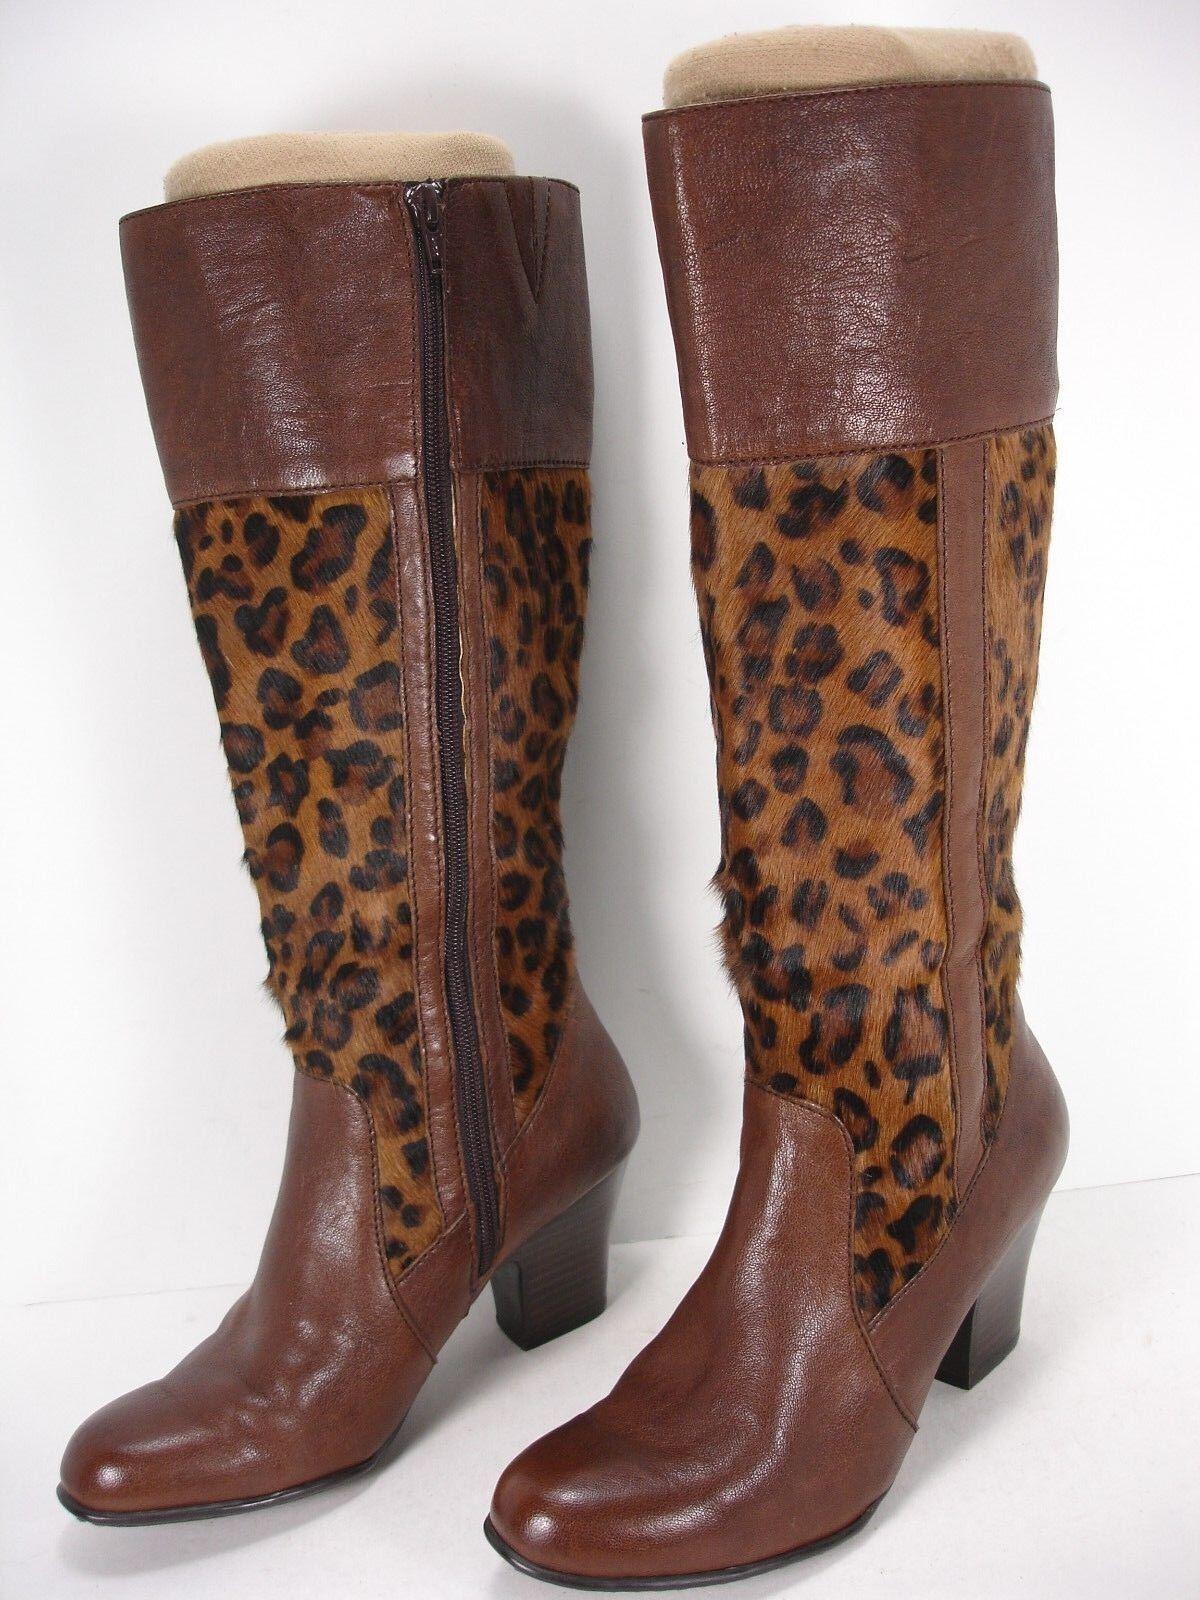 Born Crown W9453 Cuero Estampado de Leopardo Pelo De Pony la rodilla botas altas para mujer 7.5 M